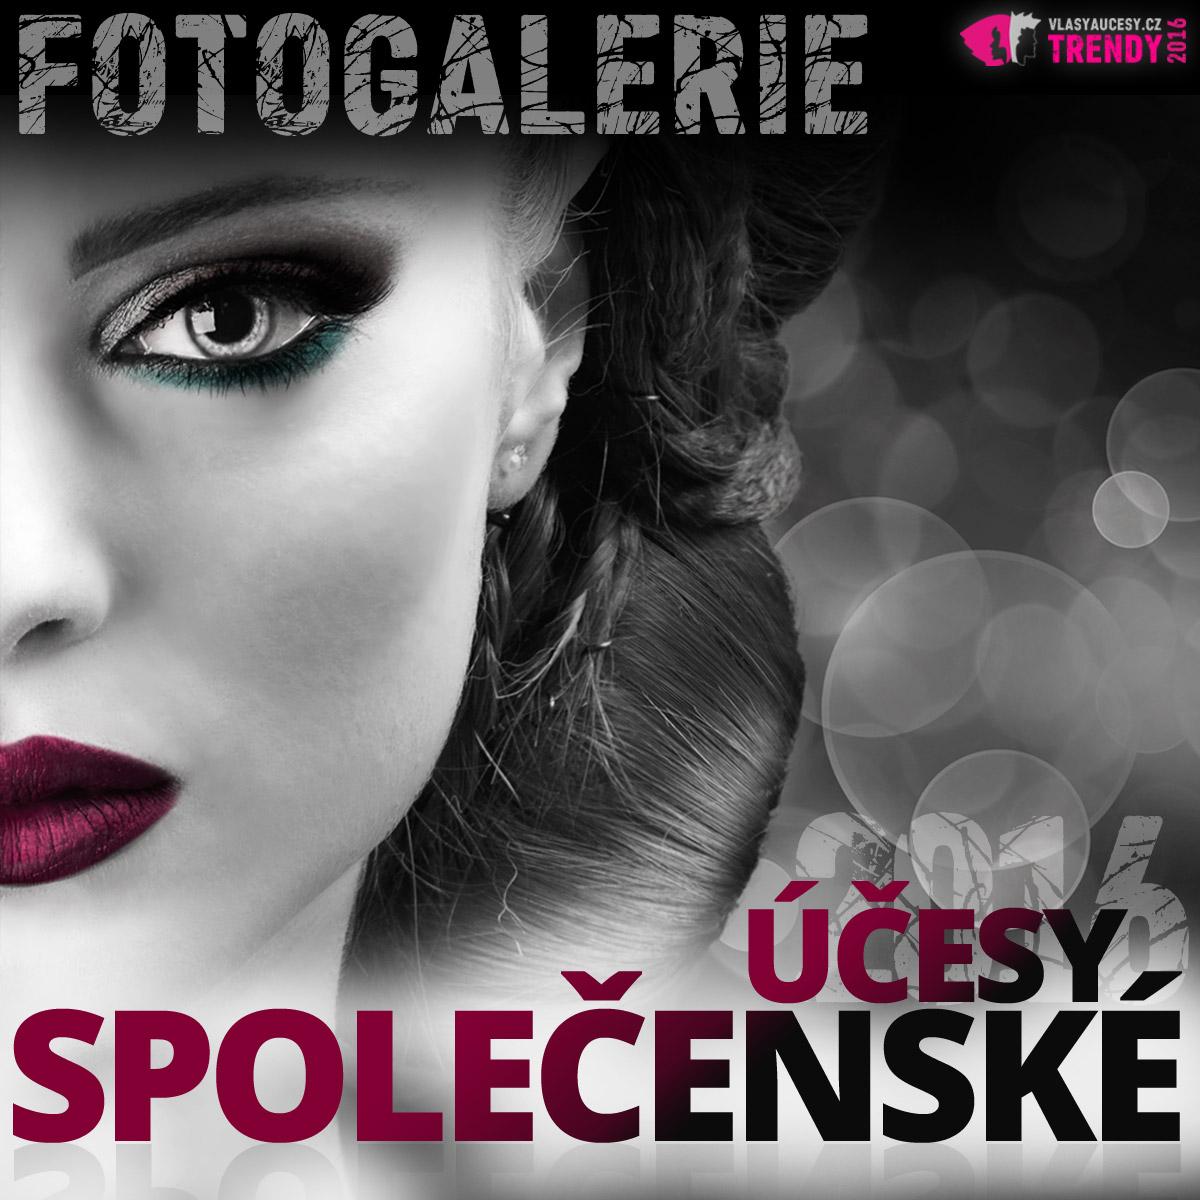 Společenské účesy fotogalerie: inspirujte se účesy na ples a slavnostními účesy pro všechny délky vlasů.